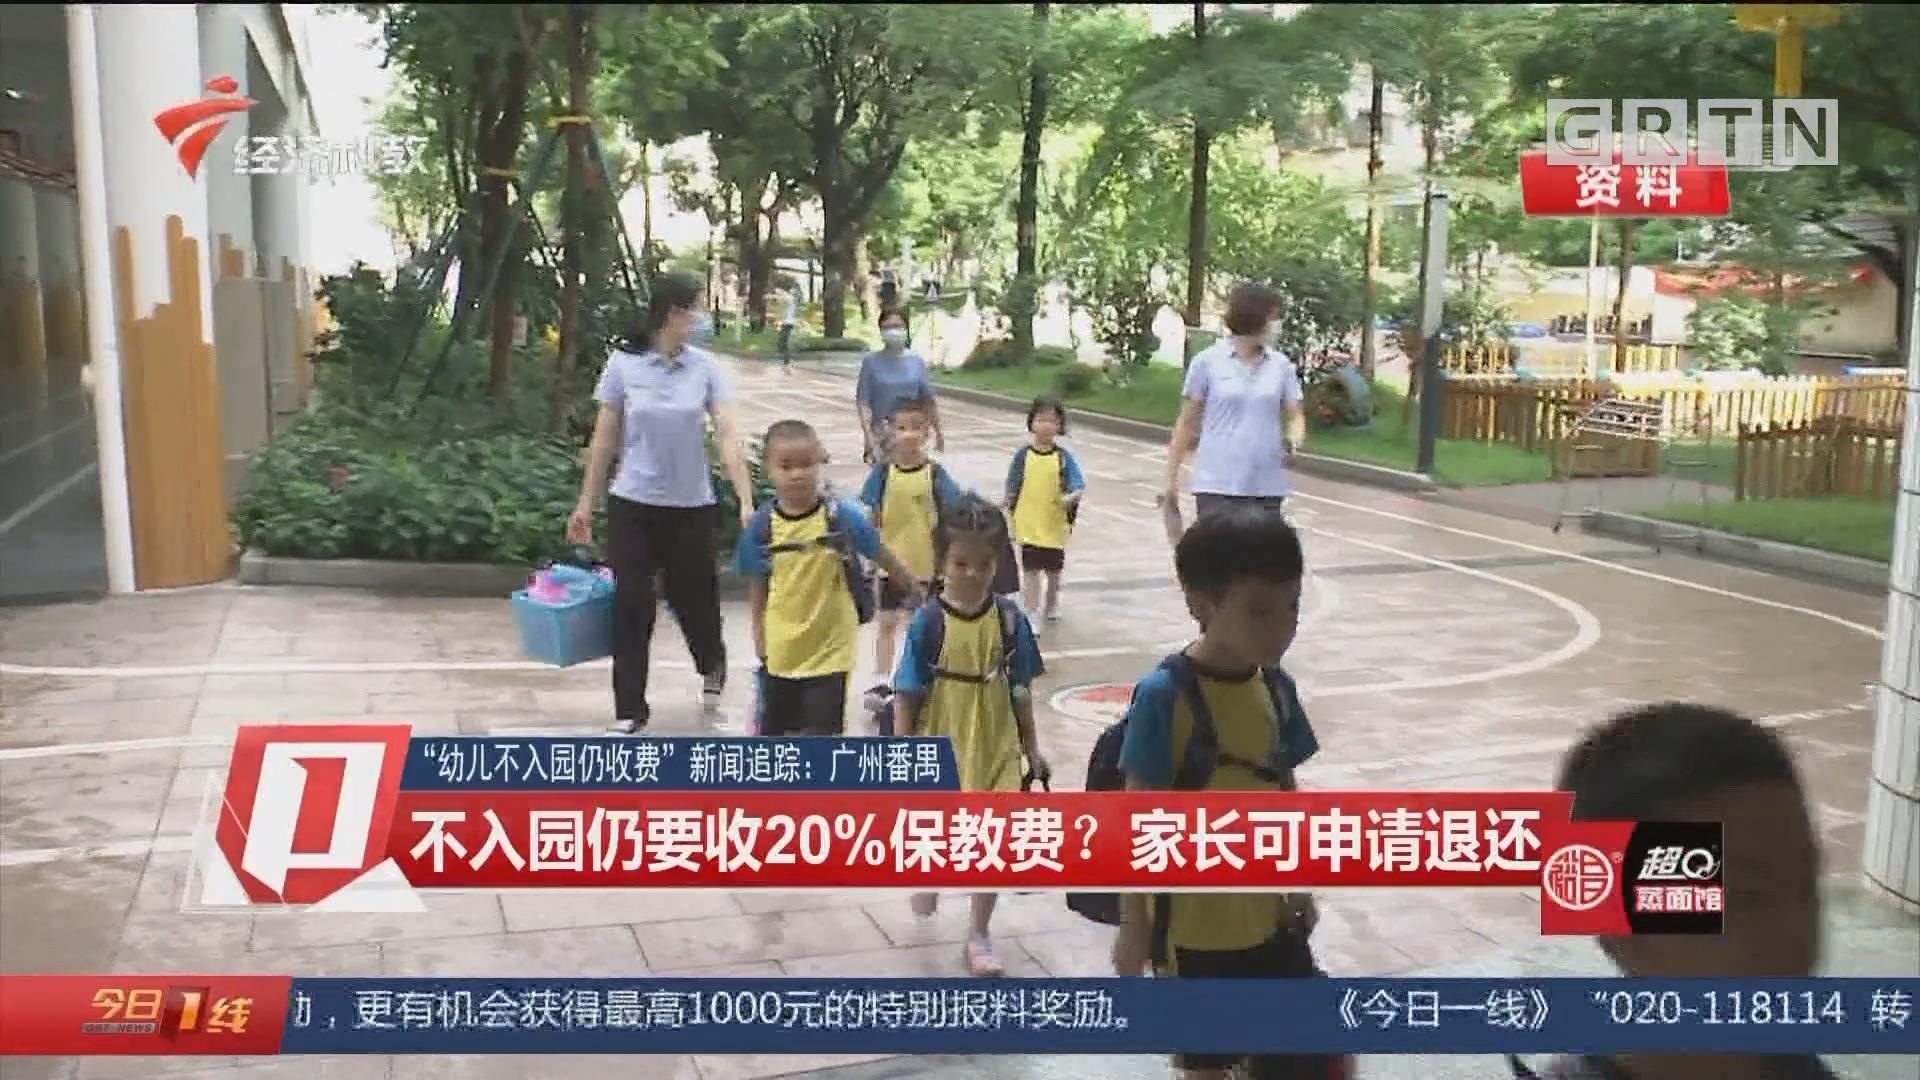 """""""幼儿不入园仍收费""""新闻追踪:广州番禺 不入园仍要收20%保教费?家长可申请退还"""